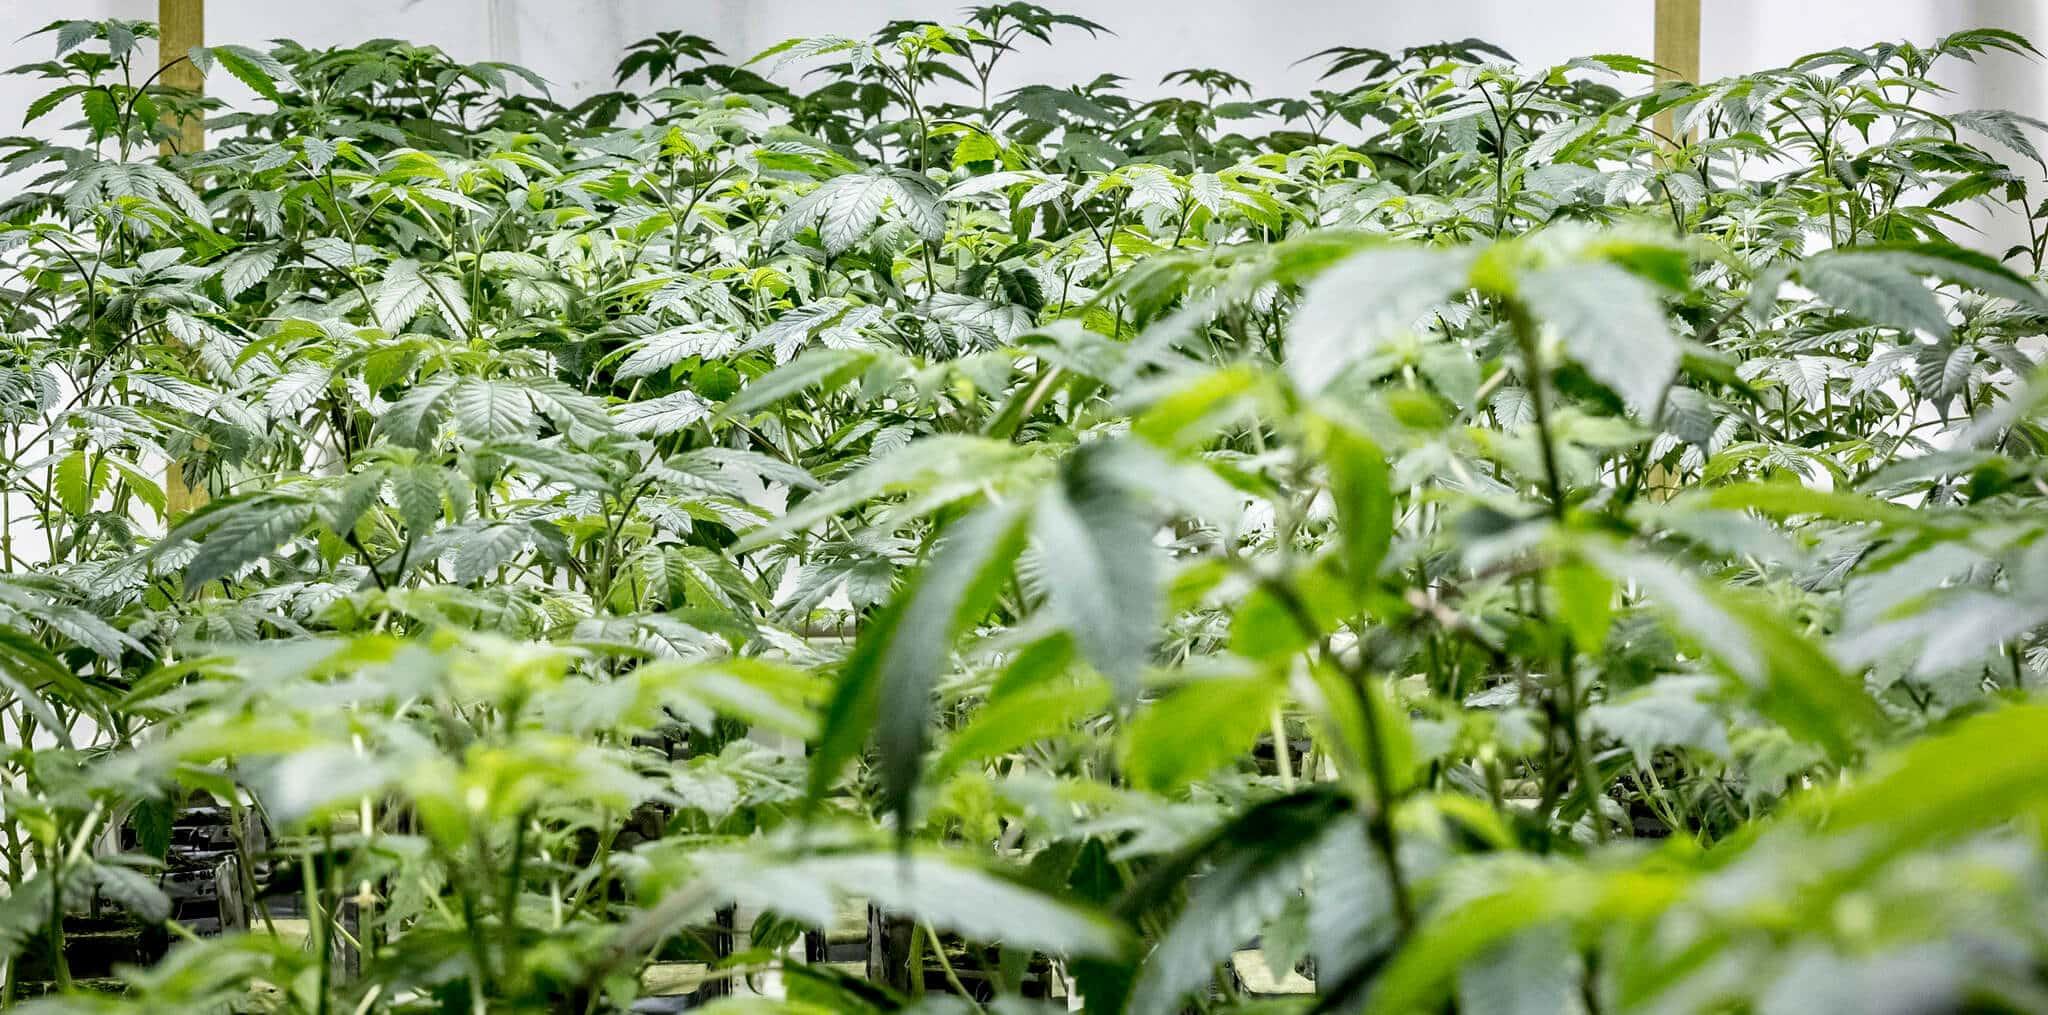 Pojavljivanje plijesni u indoor uzgojnim uvjetima ćete postići ostvarivanjem idealnih klimatskih uvjeta.